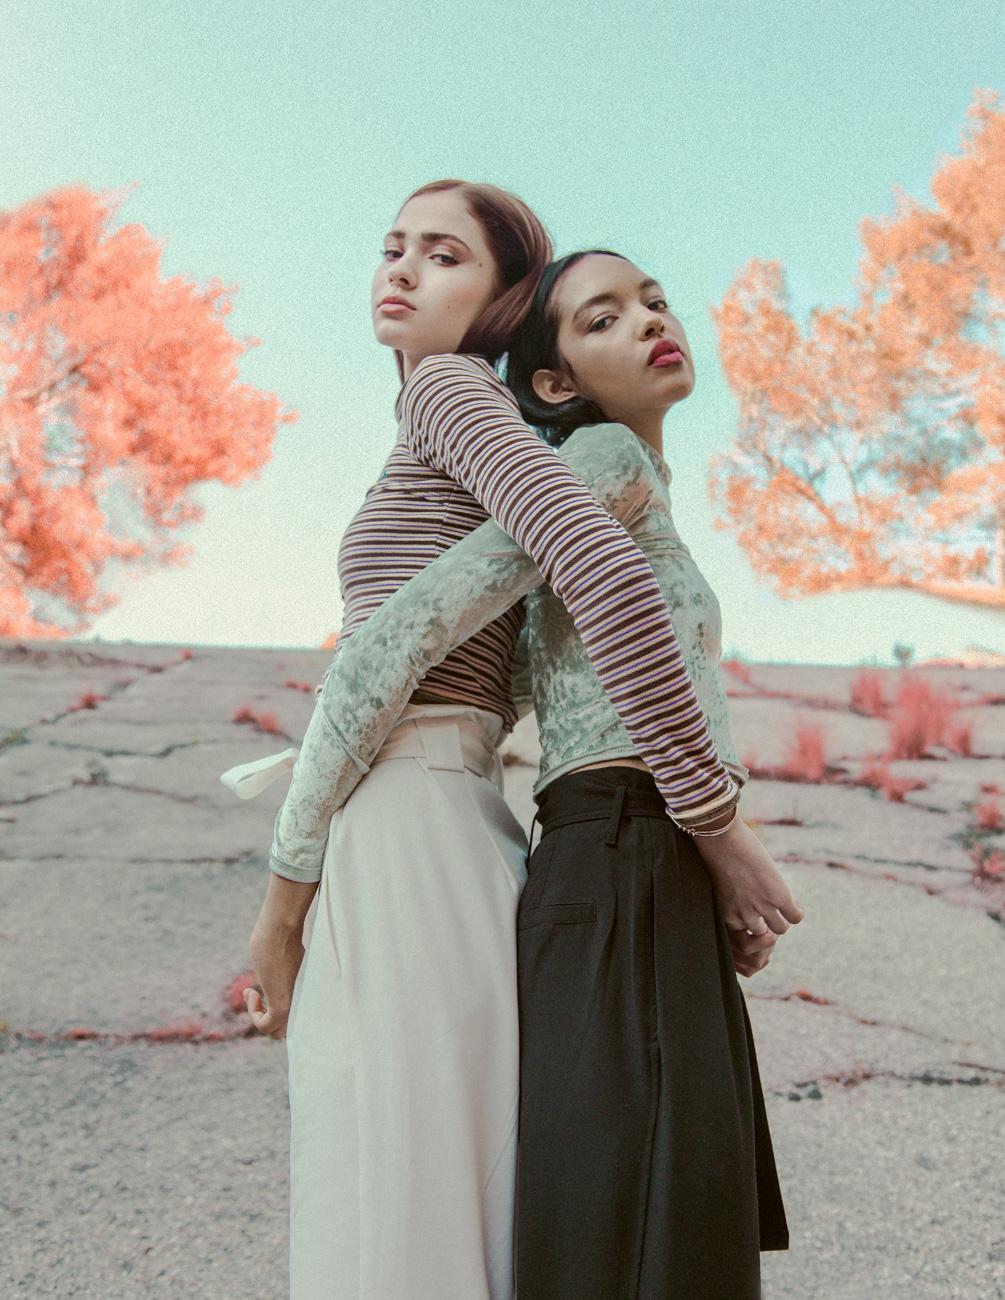 Fashion/Editorial